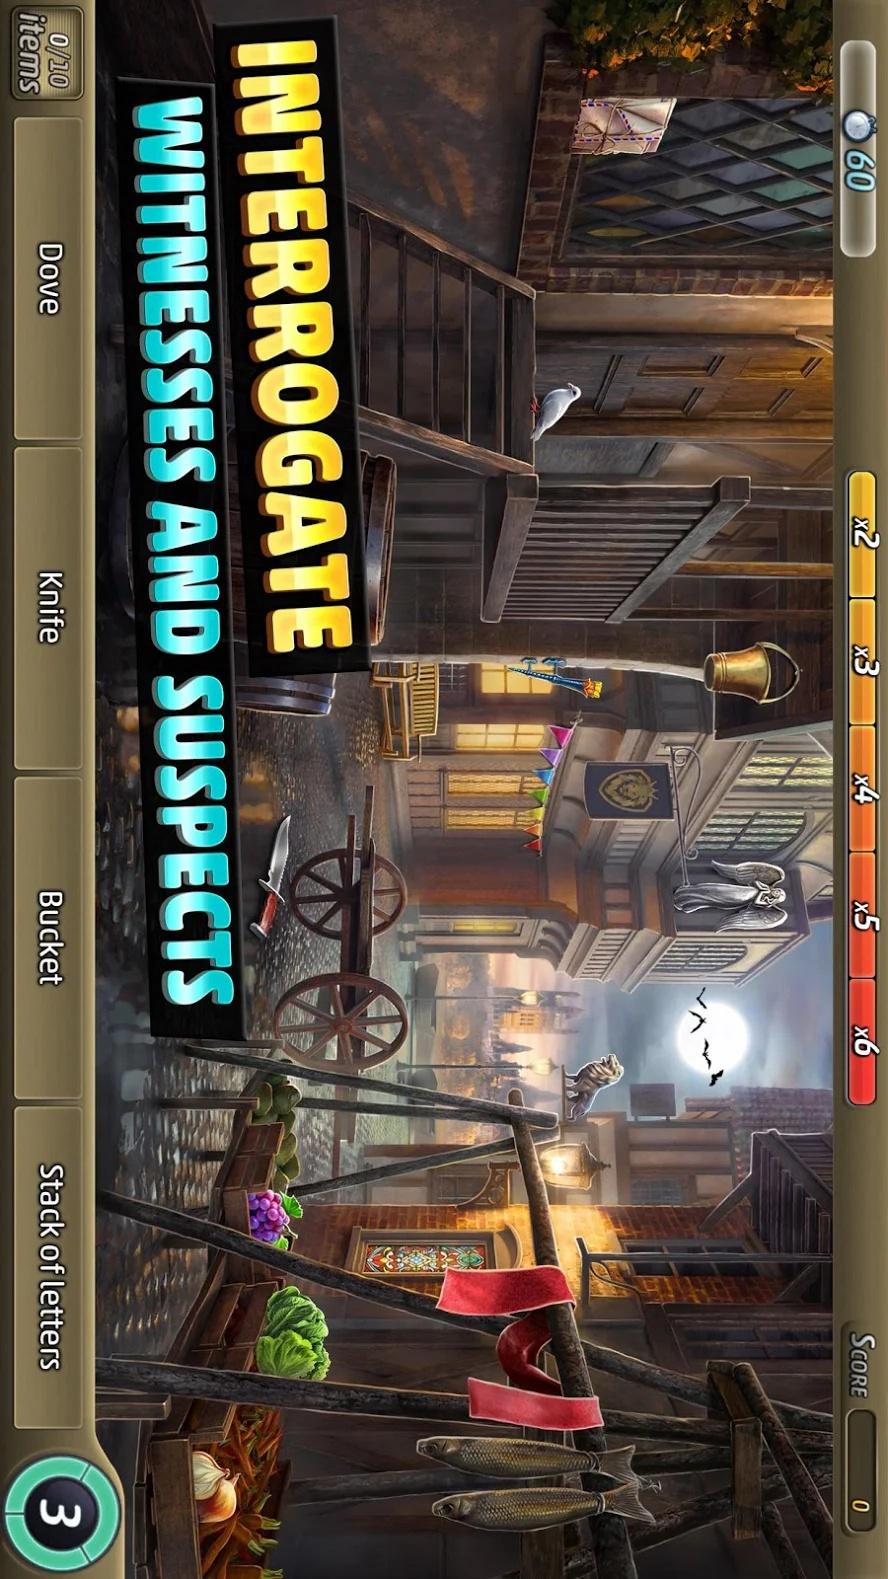 刑事案件:时空旅行游戏截图